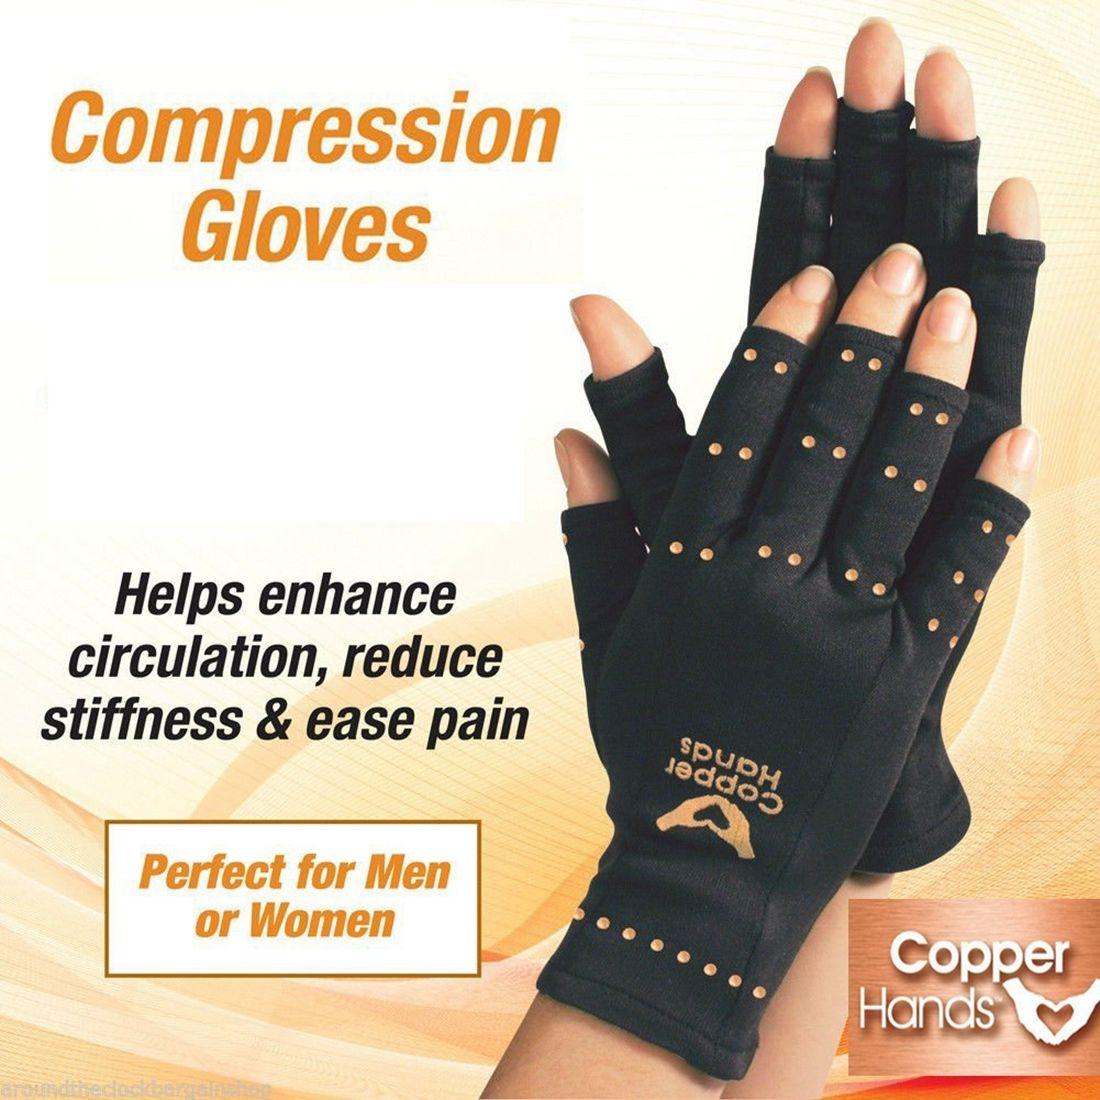 Cobre Aperto de Mãos Luvas Homens De Compressão Mulher Circulação Terapêutico Artrite Artrite Luvas De Compressão